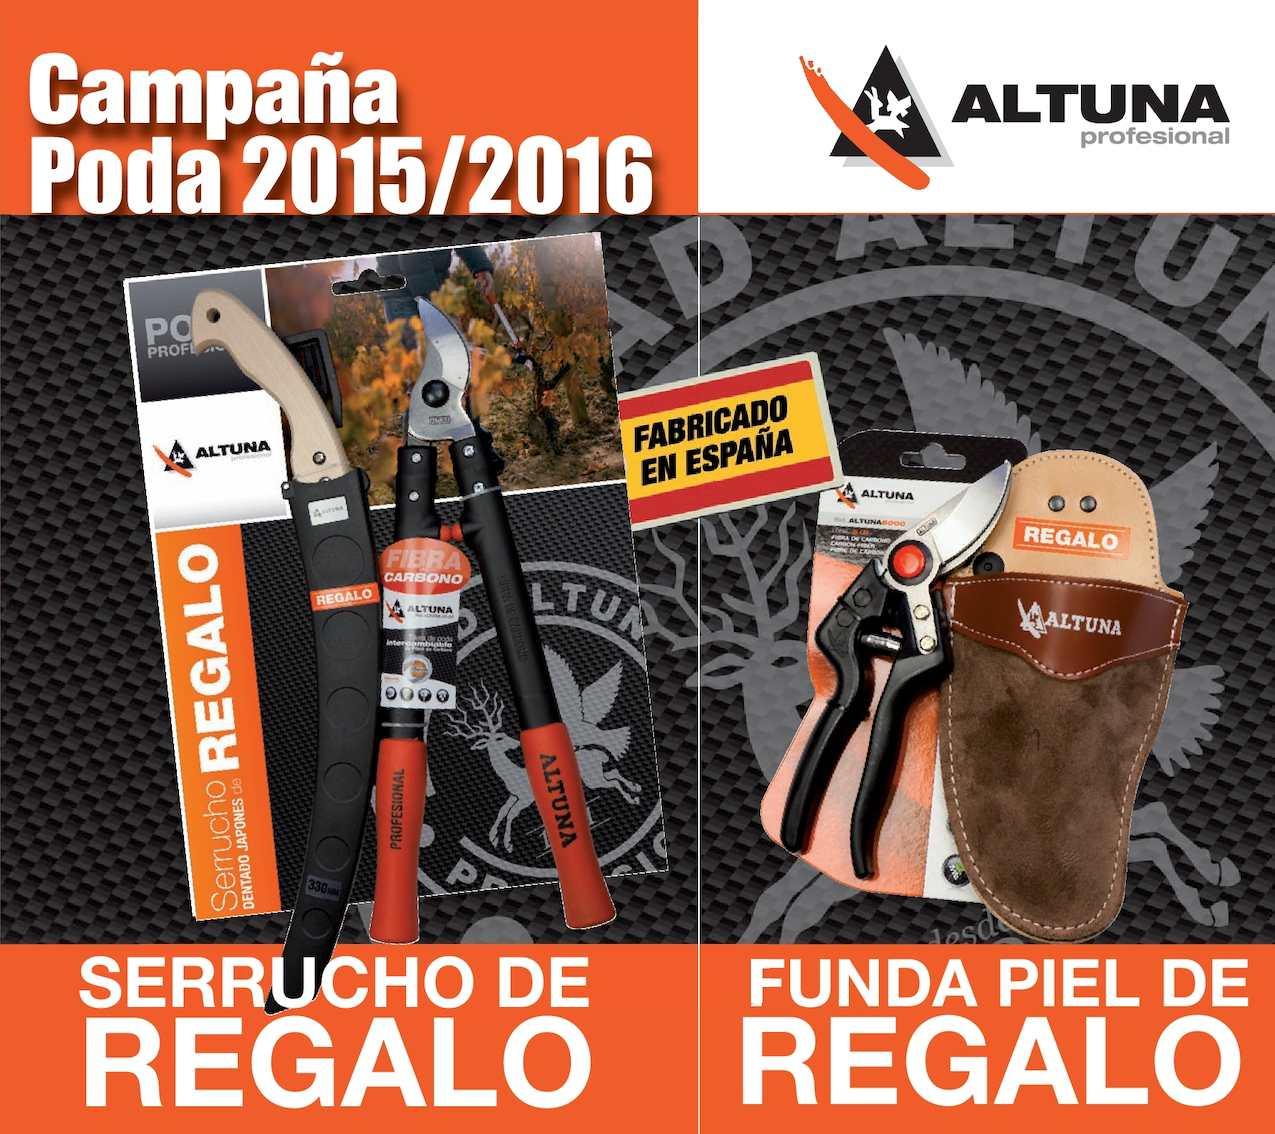 Campaña Poda 2015 Altuna